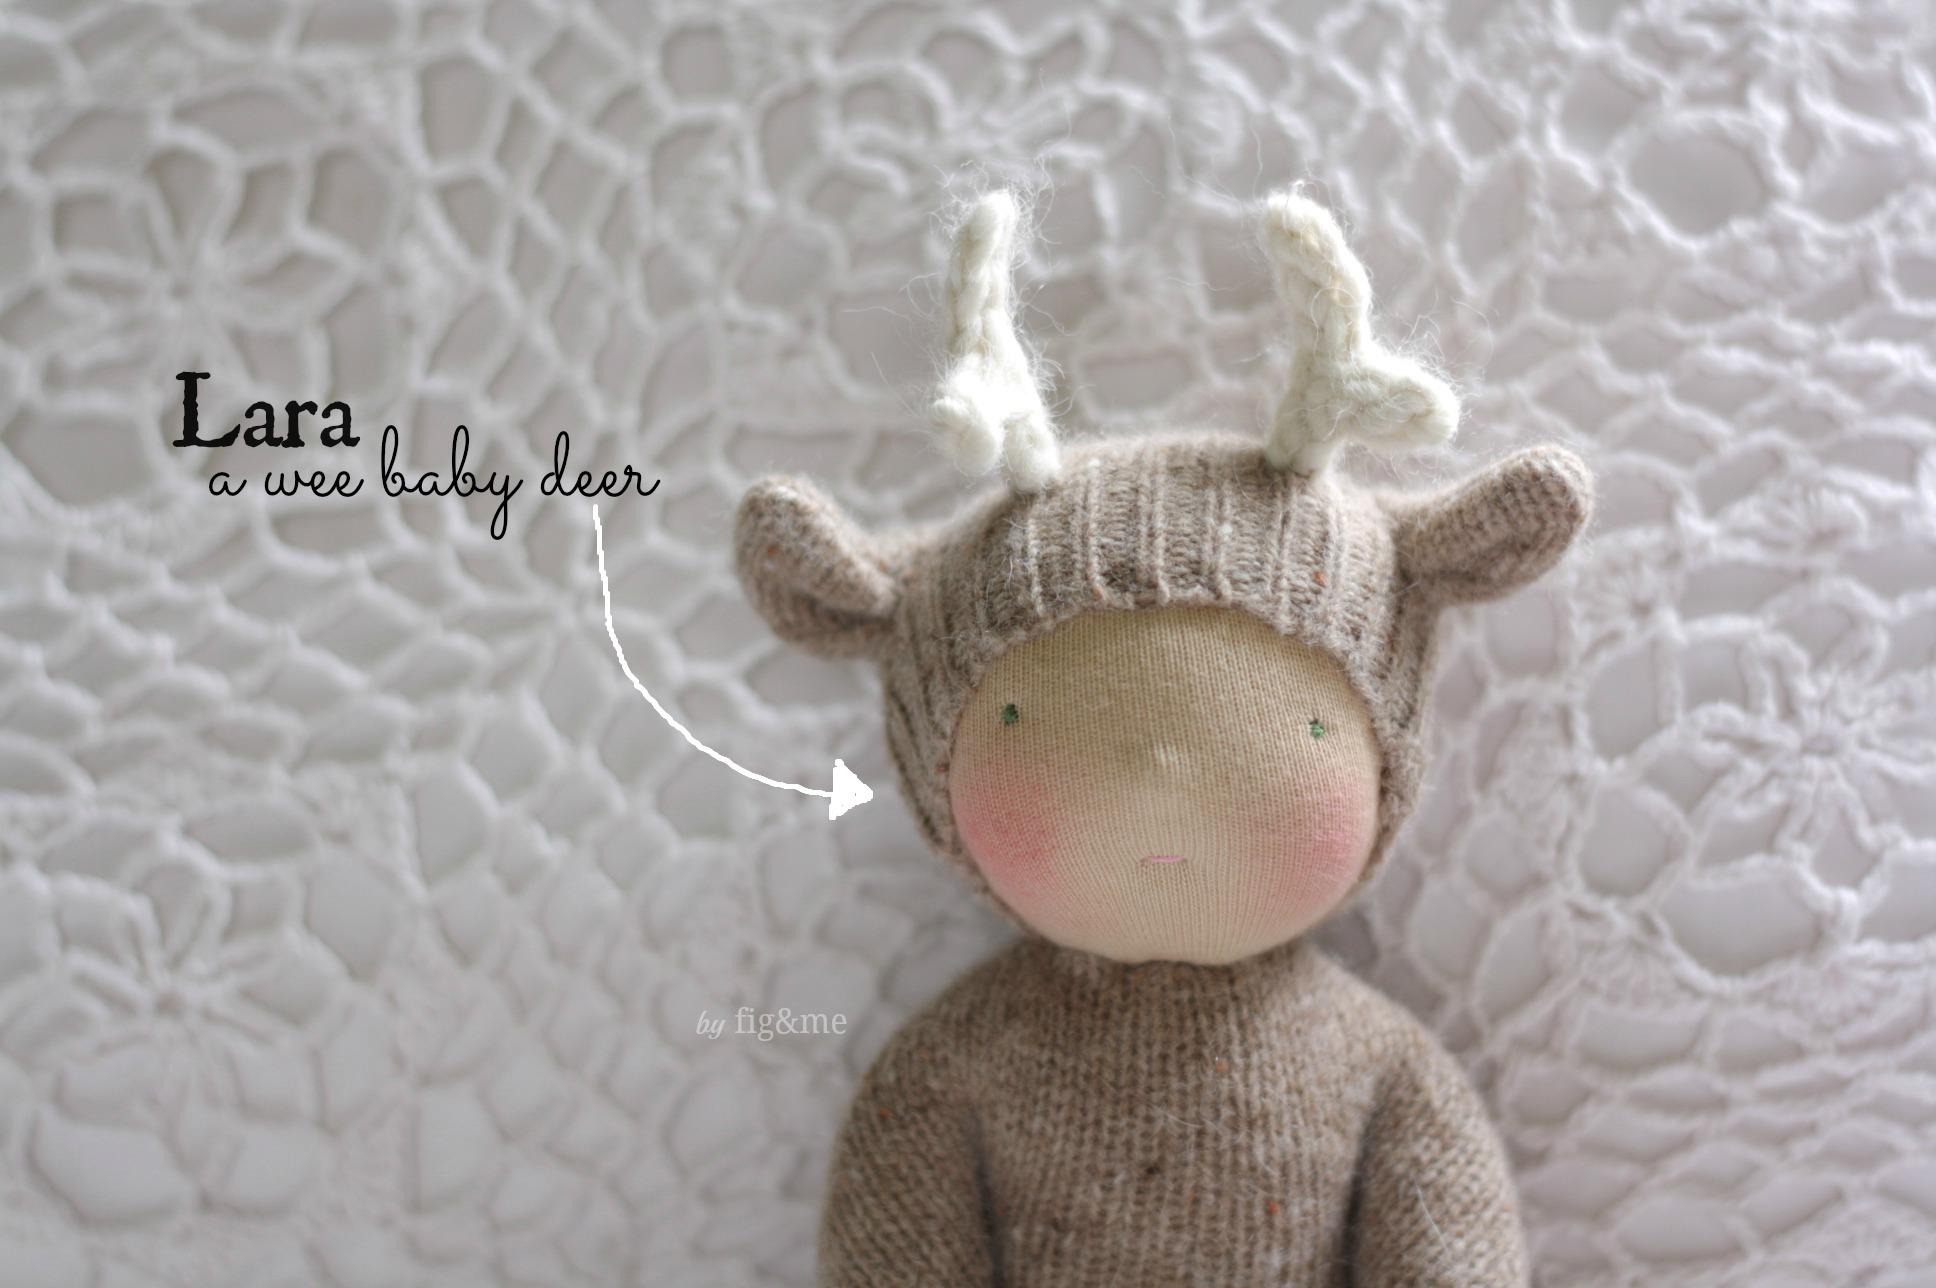 Lara, a wee baby deer by Fig and me.